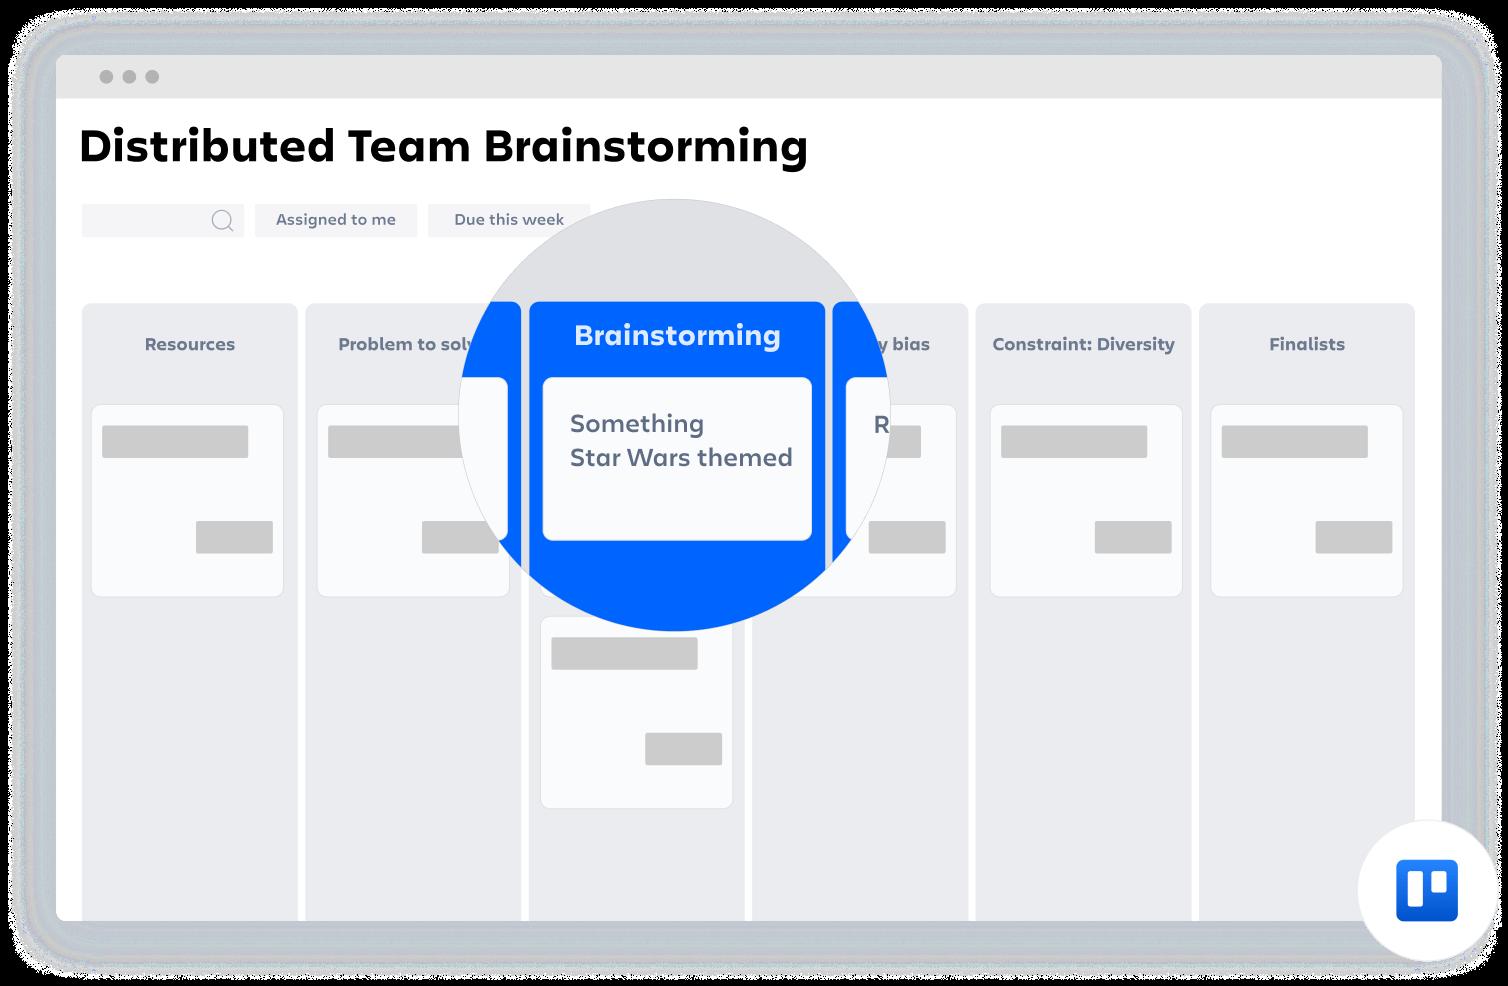 ModèleConfluence «Brainstorming dans les équipes distribuées»